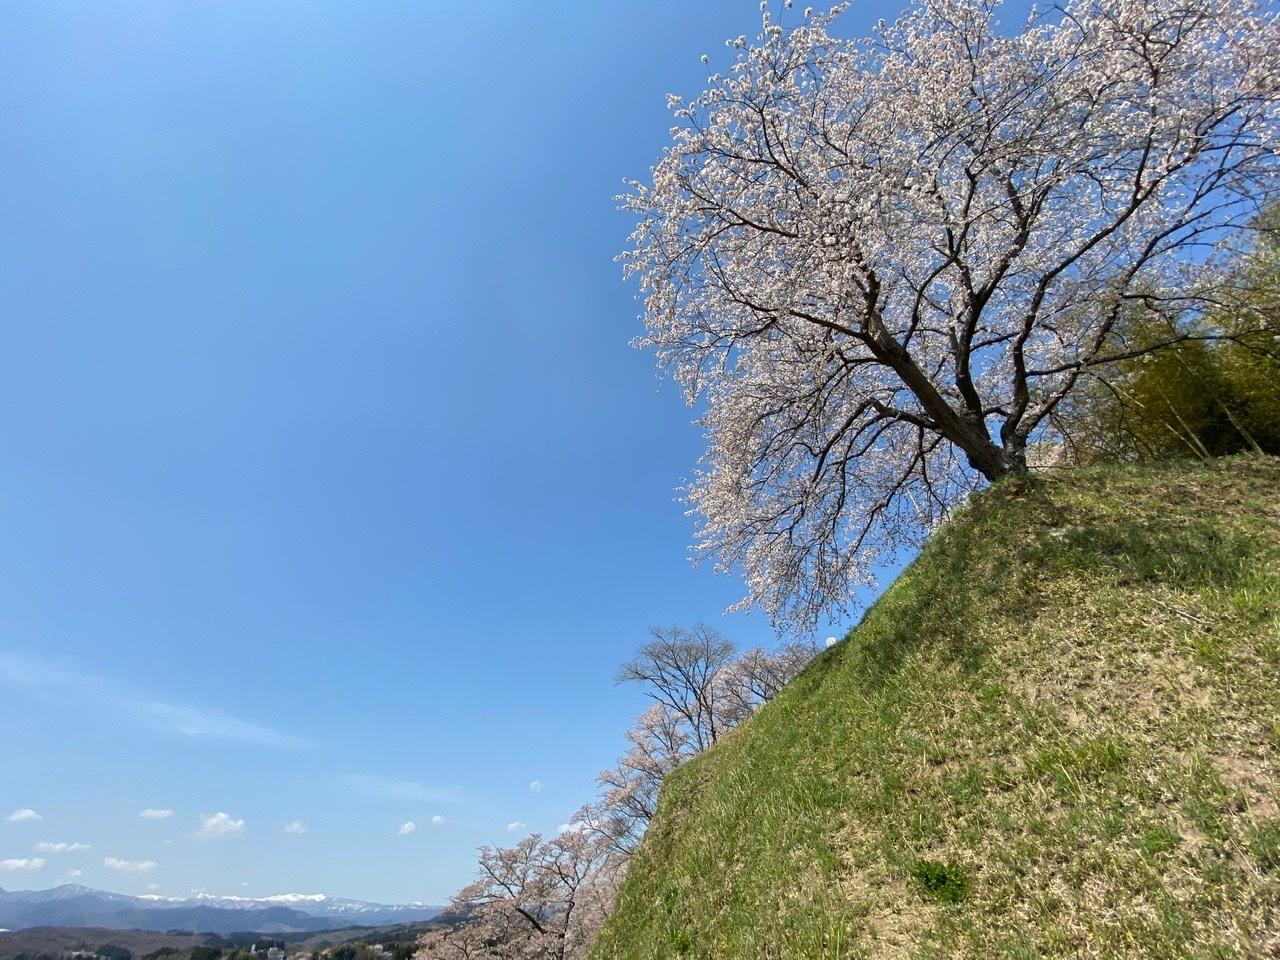 大衡城跡公園の桜_b0314043_15194314.jpeg